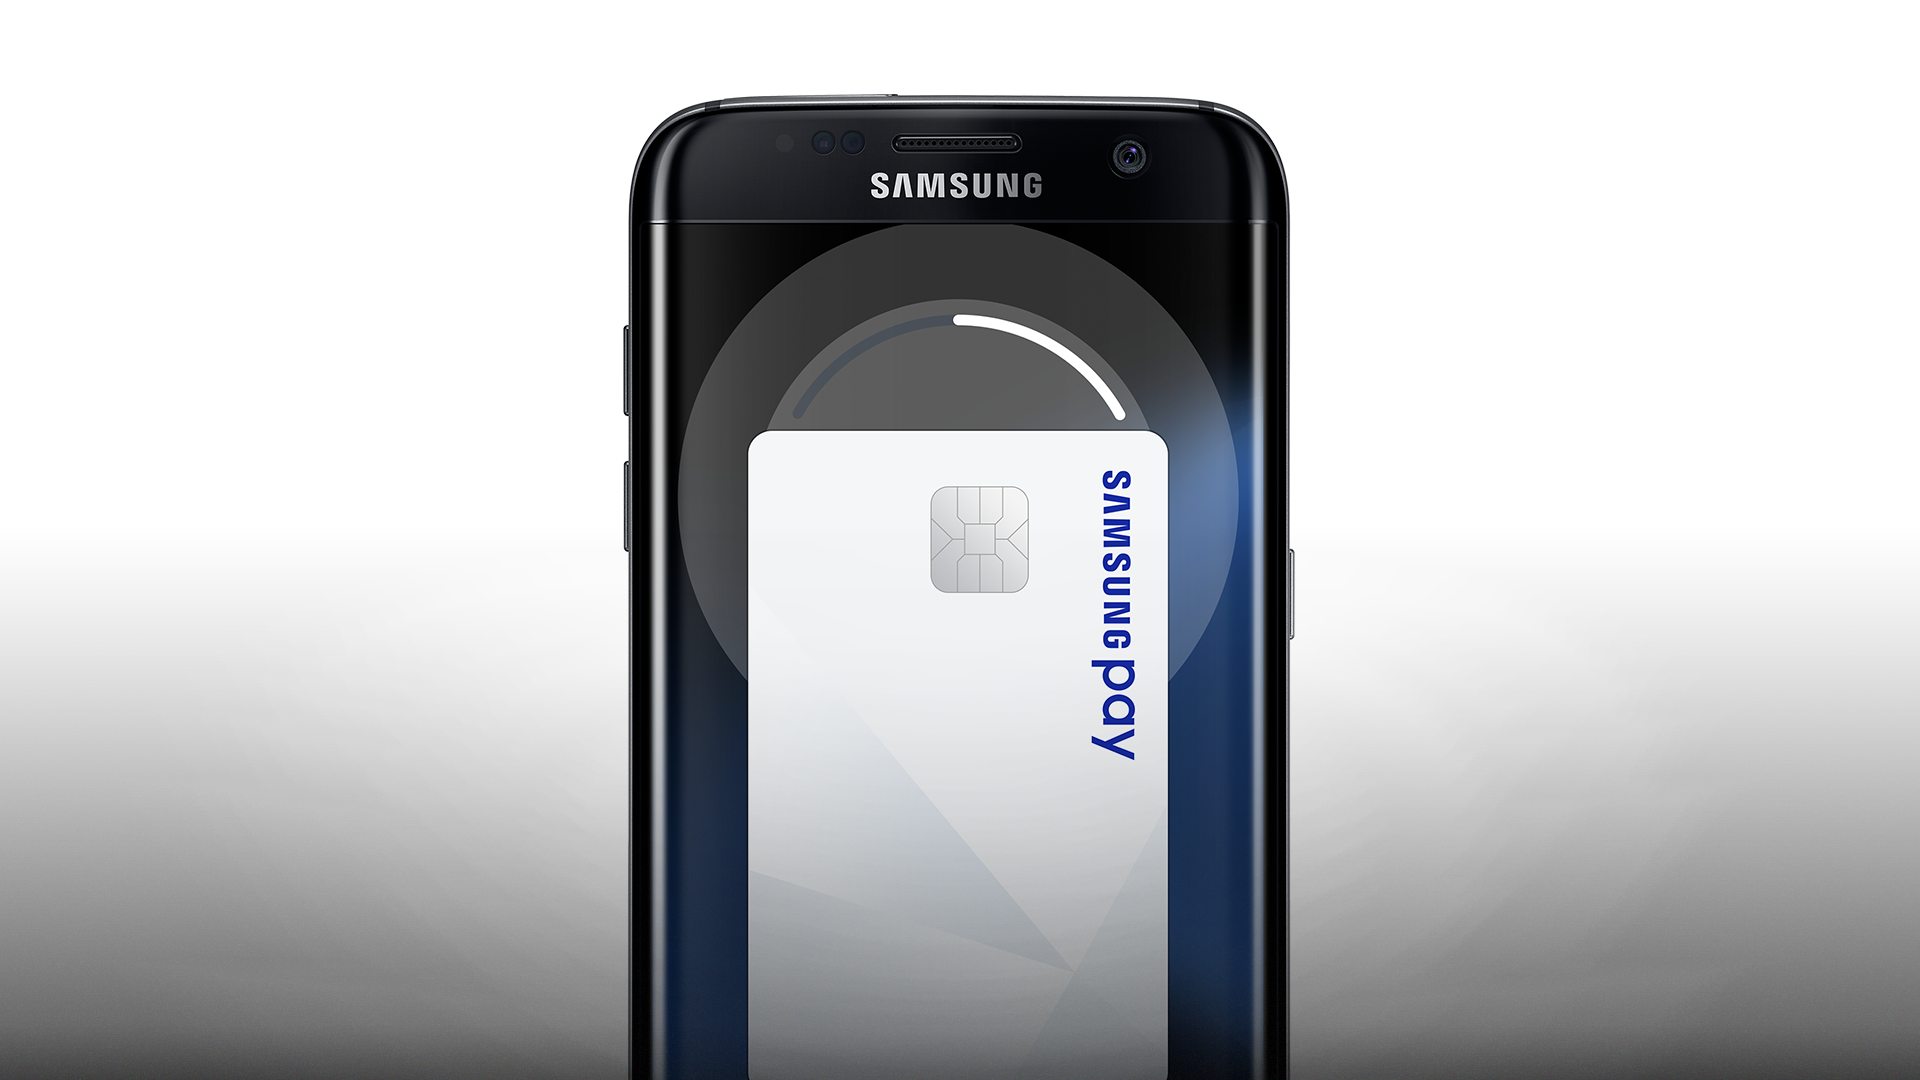 Pagamenti da cellulare, arriva in Italia Samsung Pay: ecco come funziona